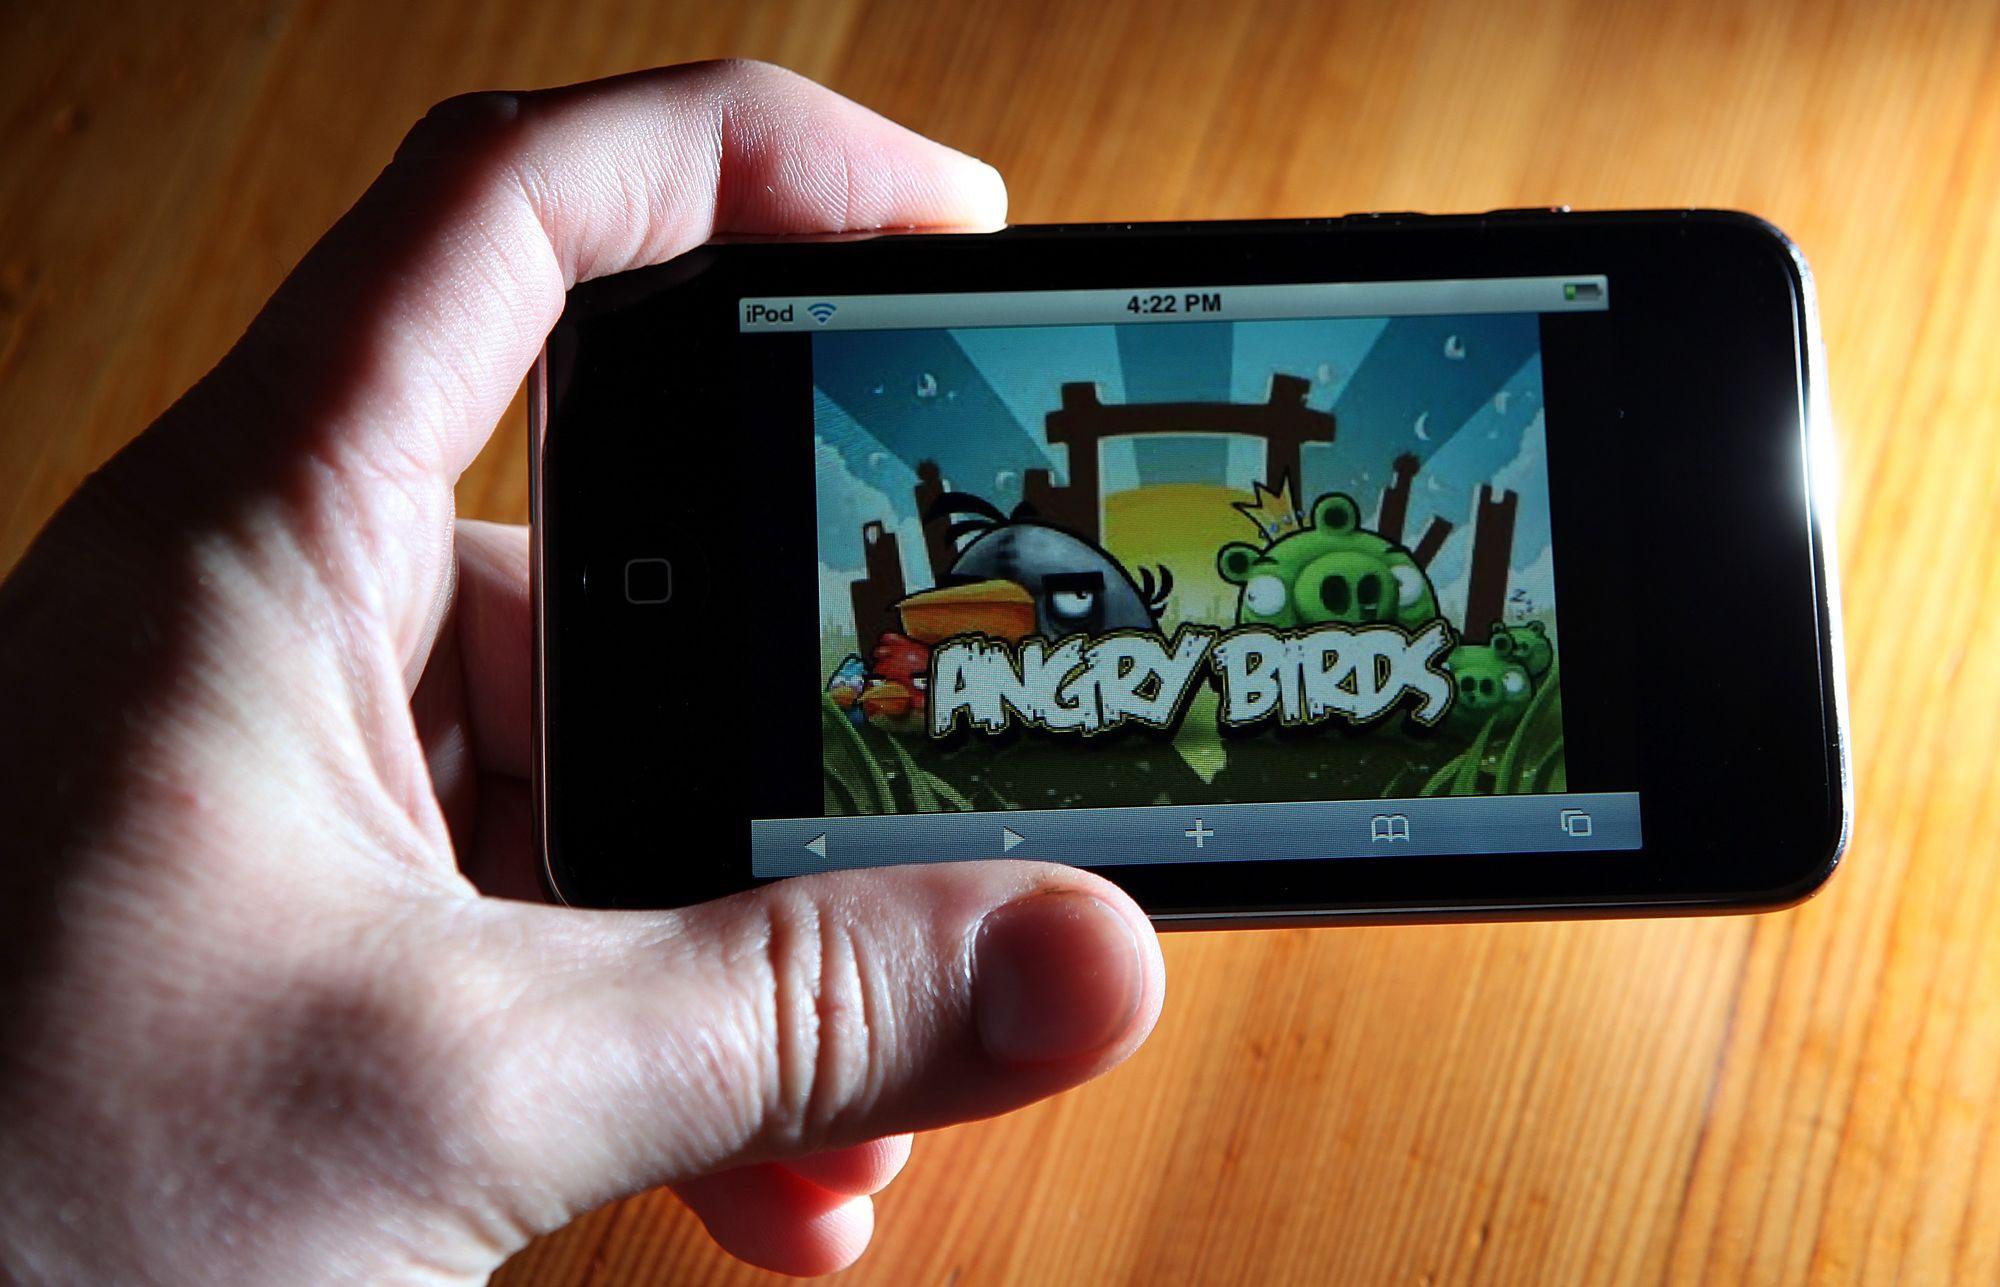 La soci t finlandaise cr atrice du jeu angry birds doit - Jeu info angry birds ...